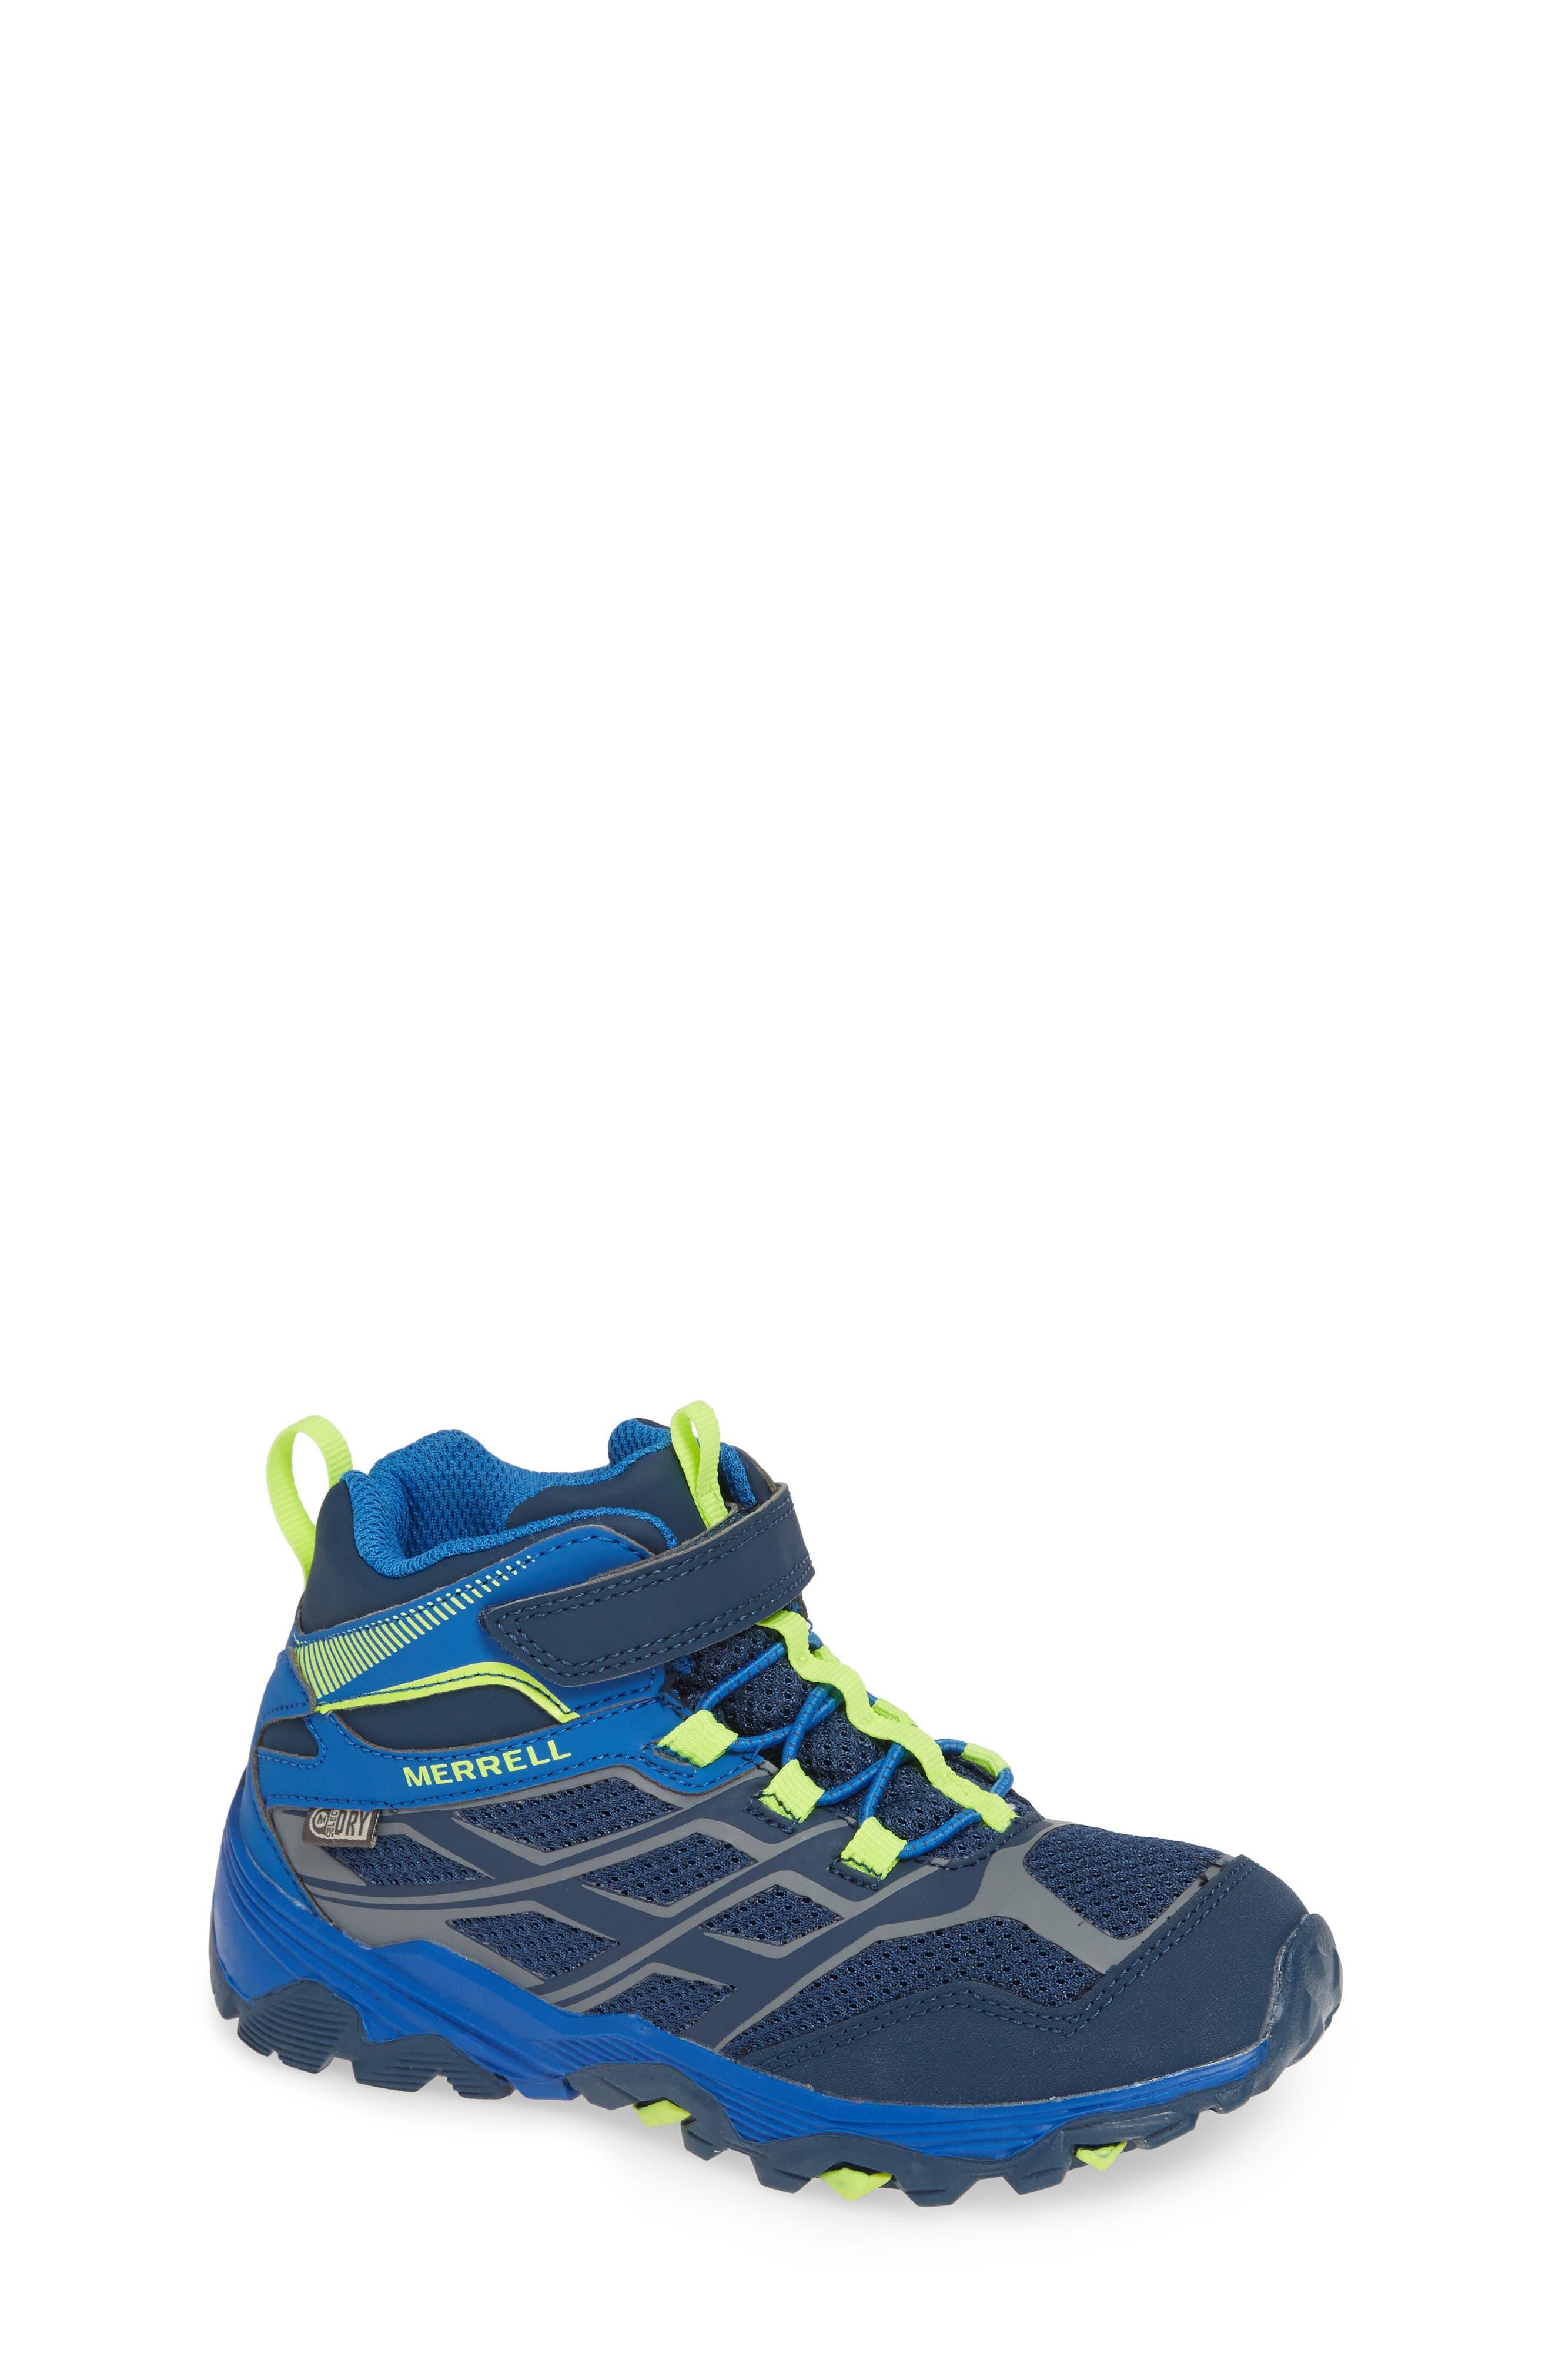 MERRELL Moab FST Mid Top Waterproof Sneaker Boot, Main, color, NAVY/ COBALT